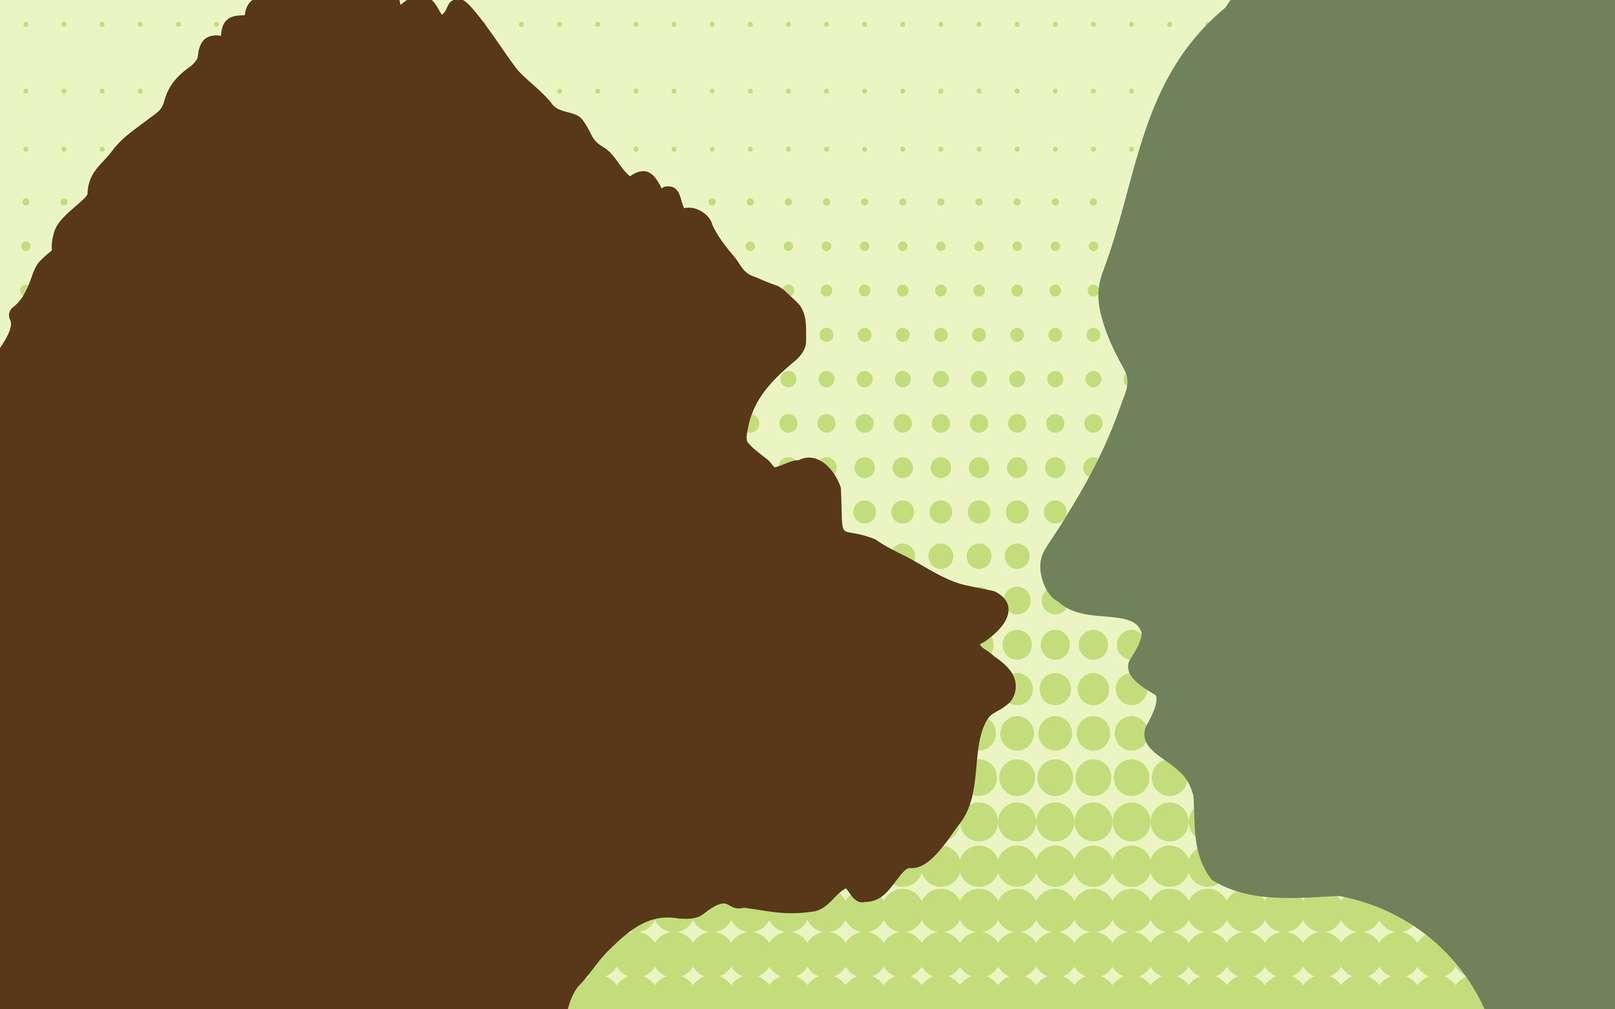 Un hybride homme-singe pour développer des organes humains ? © NLshop, Fotolia